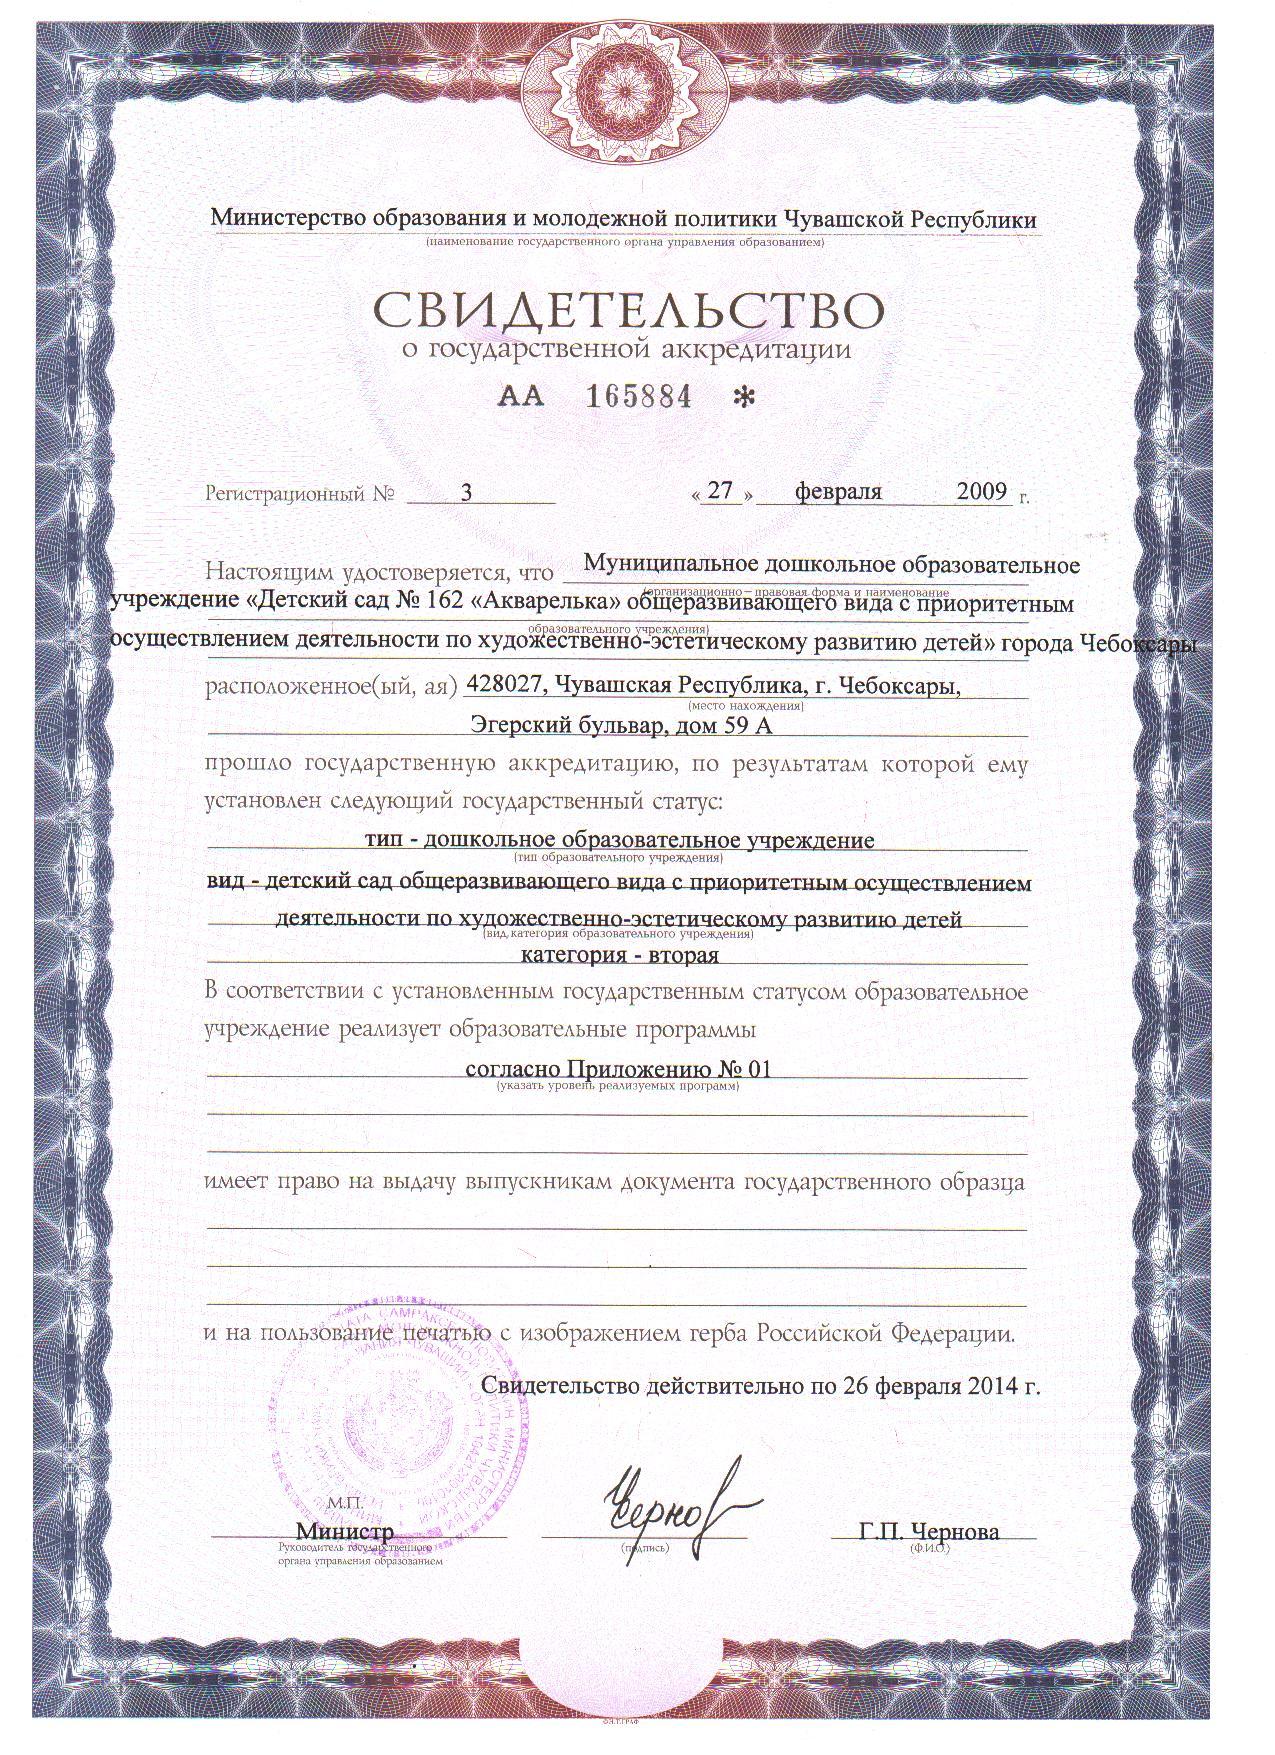 Заявление о принятии наследства - 85d28